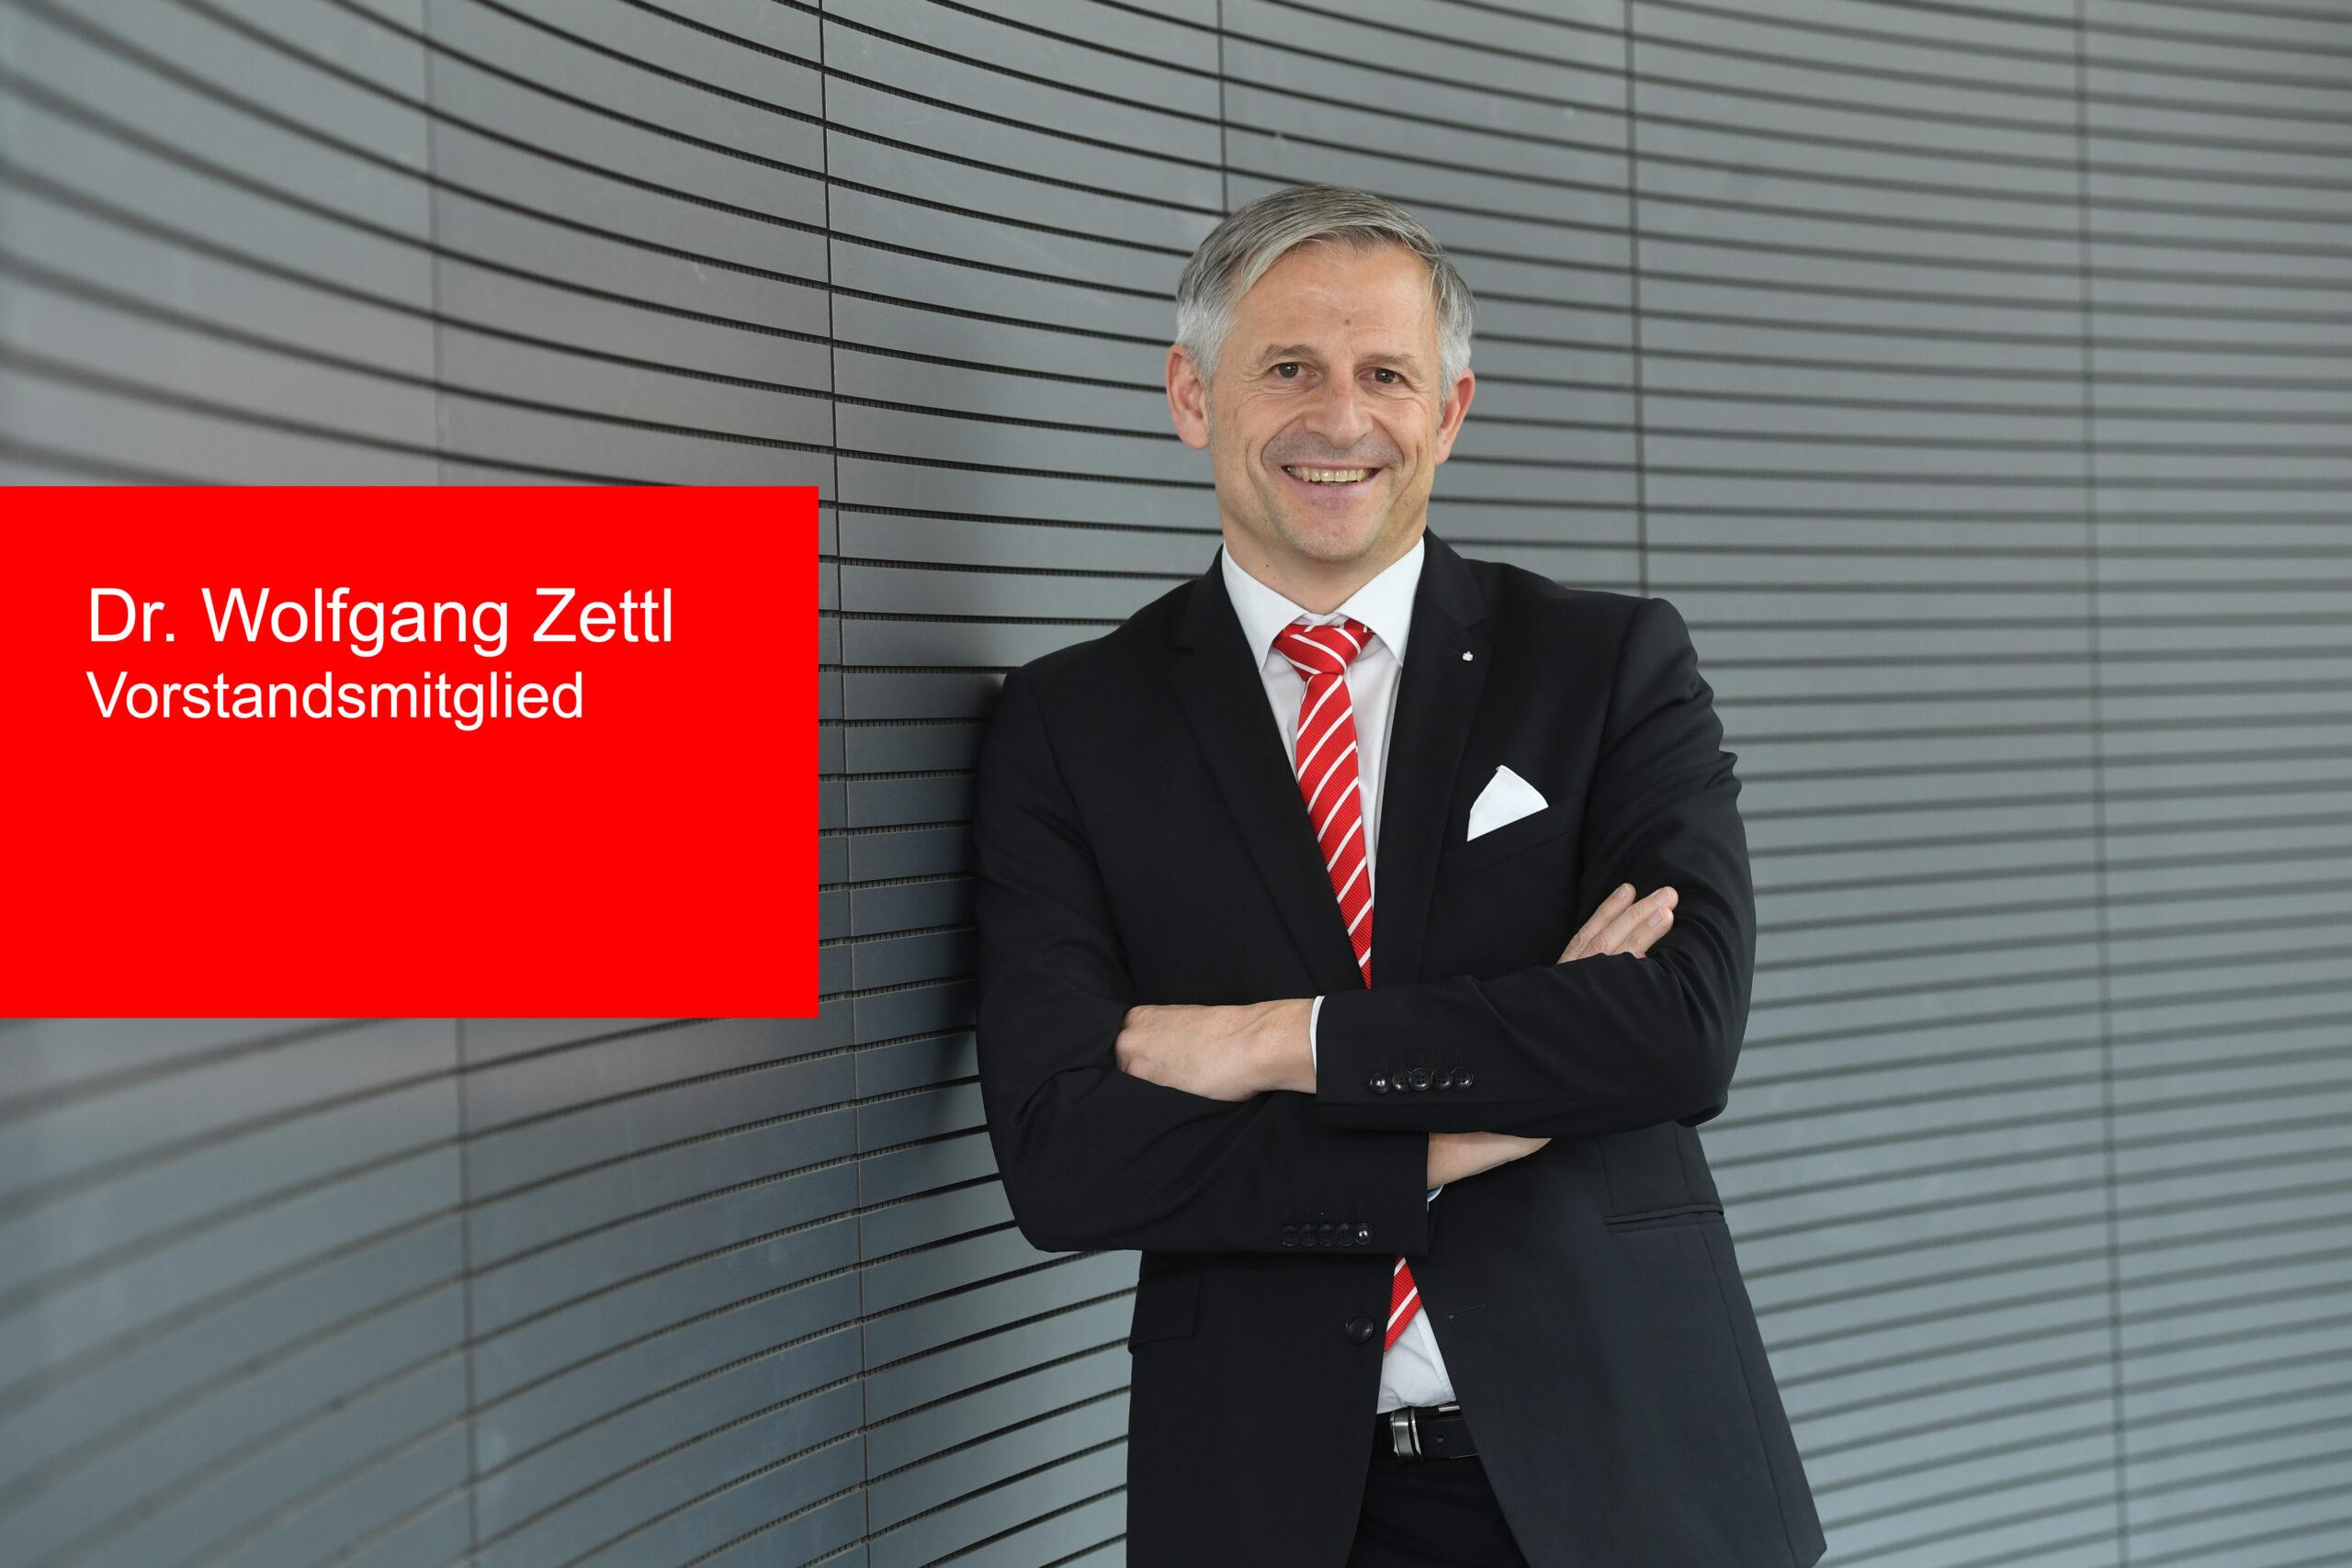 Dr. Wolfgang Zettl ist neues Vorstandsmitglied der  Kreissparkasse Augsburg